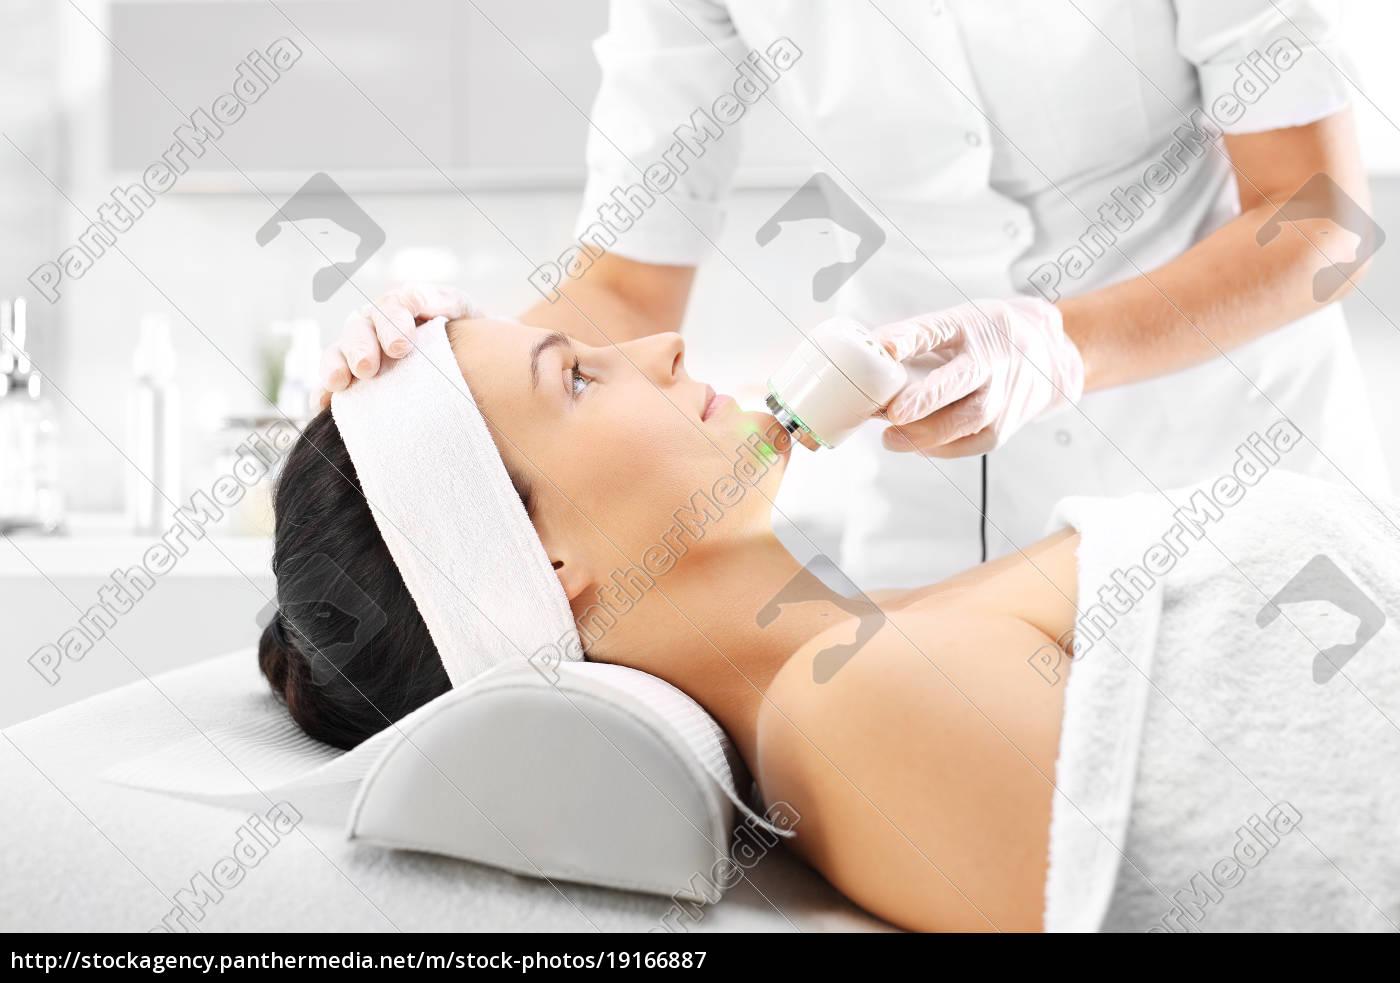 ultrasound, infrared, light, facial, treatment - 19166887